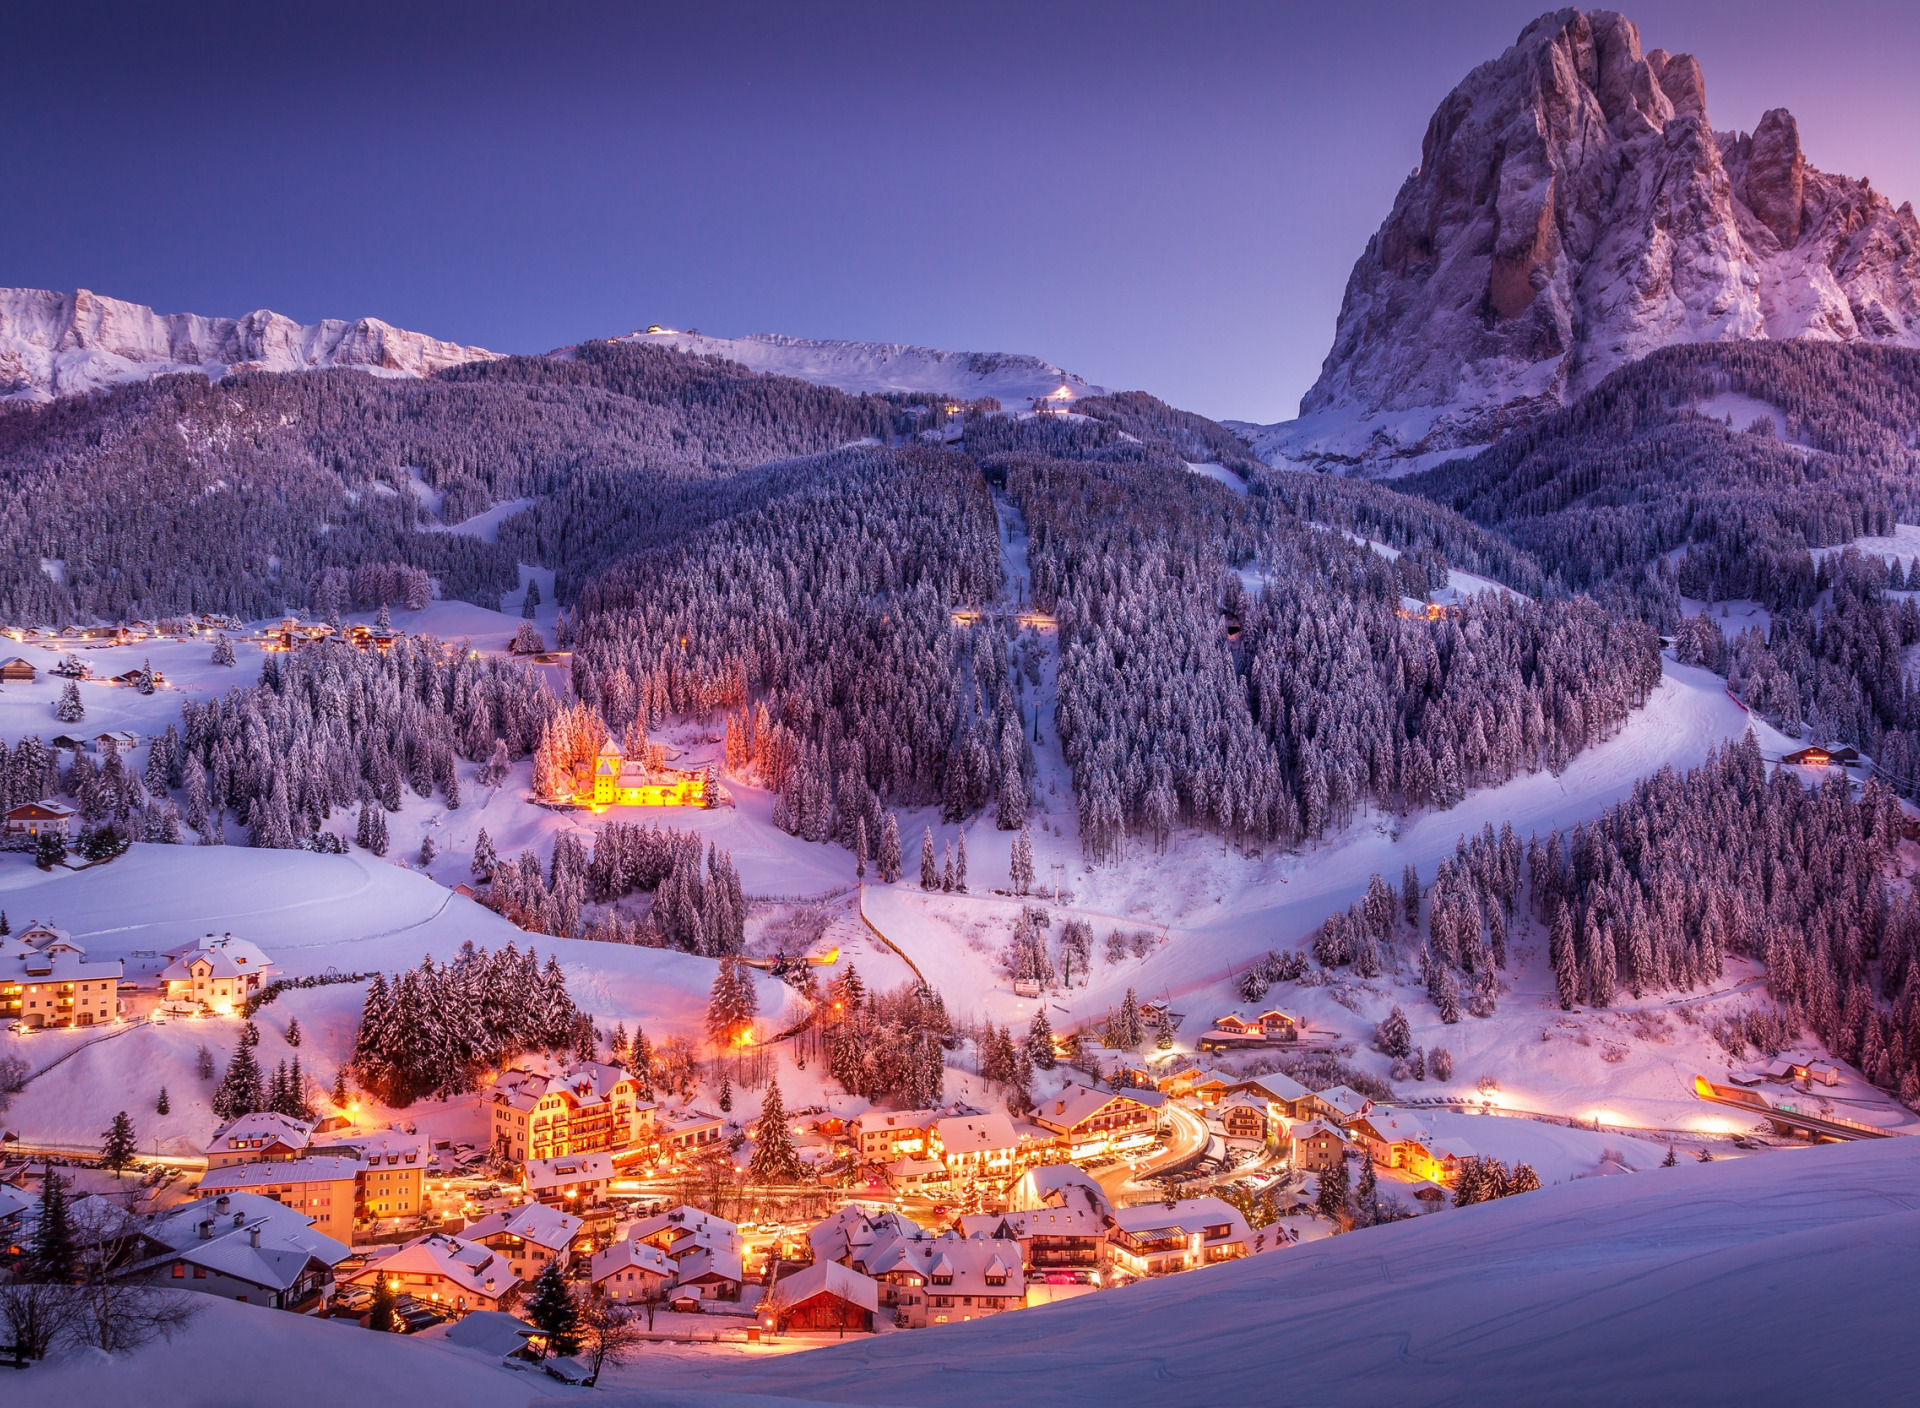 реакции художественные фотографии заснеженных альп можно карапузами